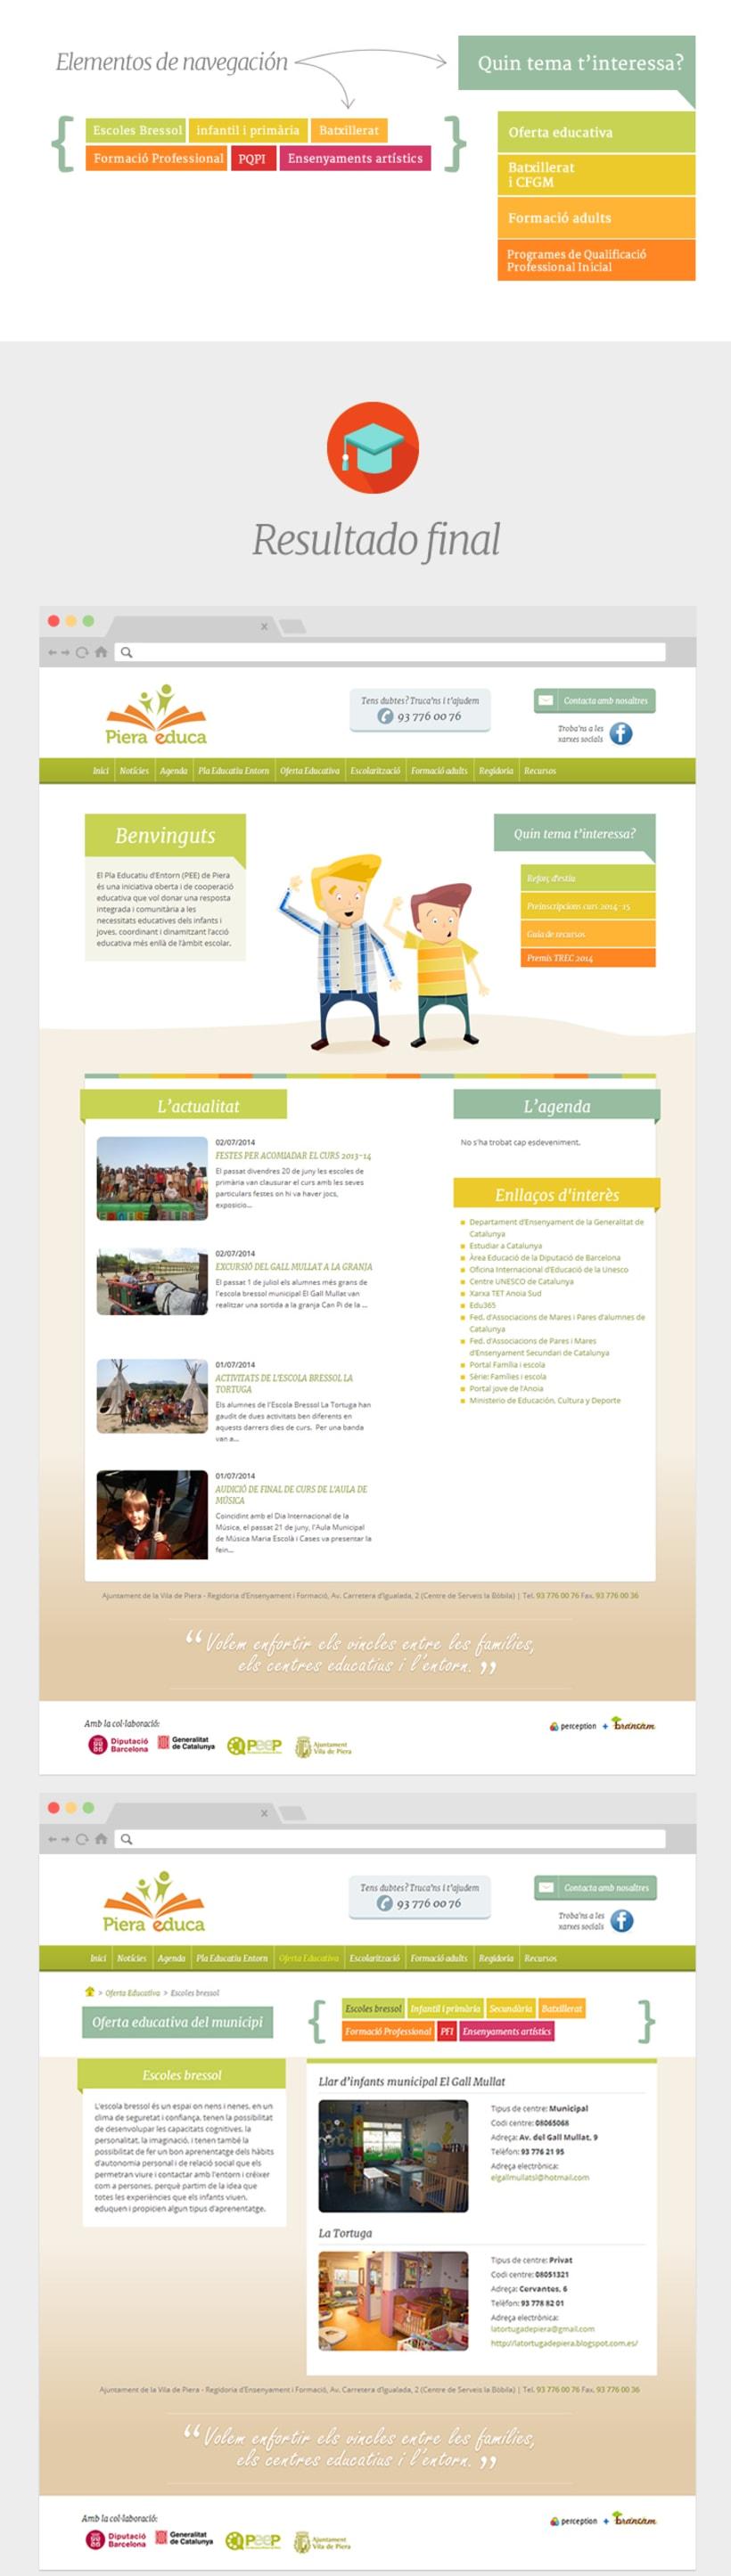 Piera Educa, iniciativa de cooperación educativa 4